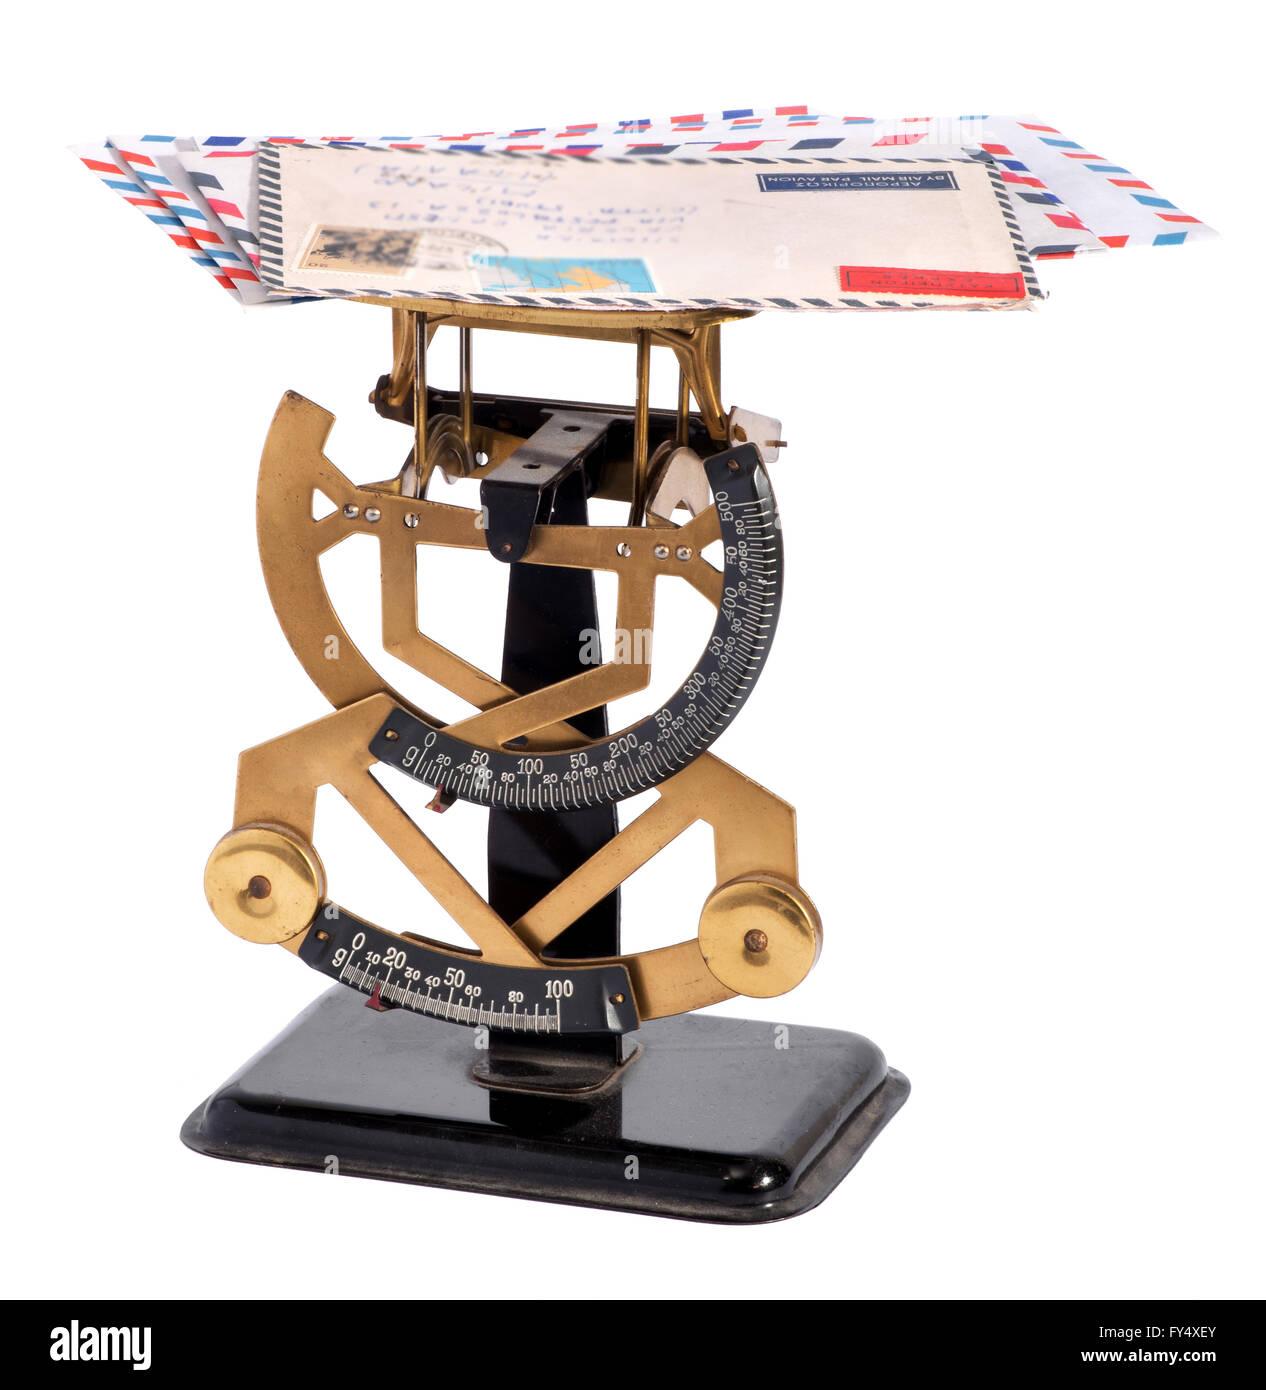 Lettre laiton Vintage échelle avec une pile de lettres sur la plaque supérieure Photo Stock